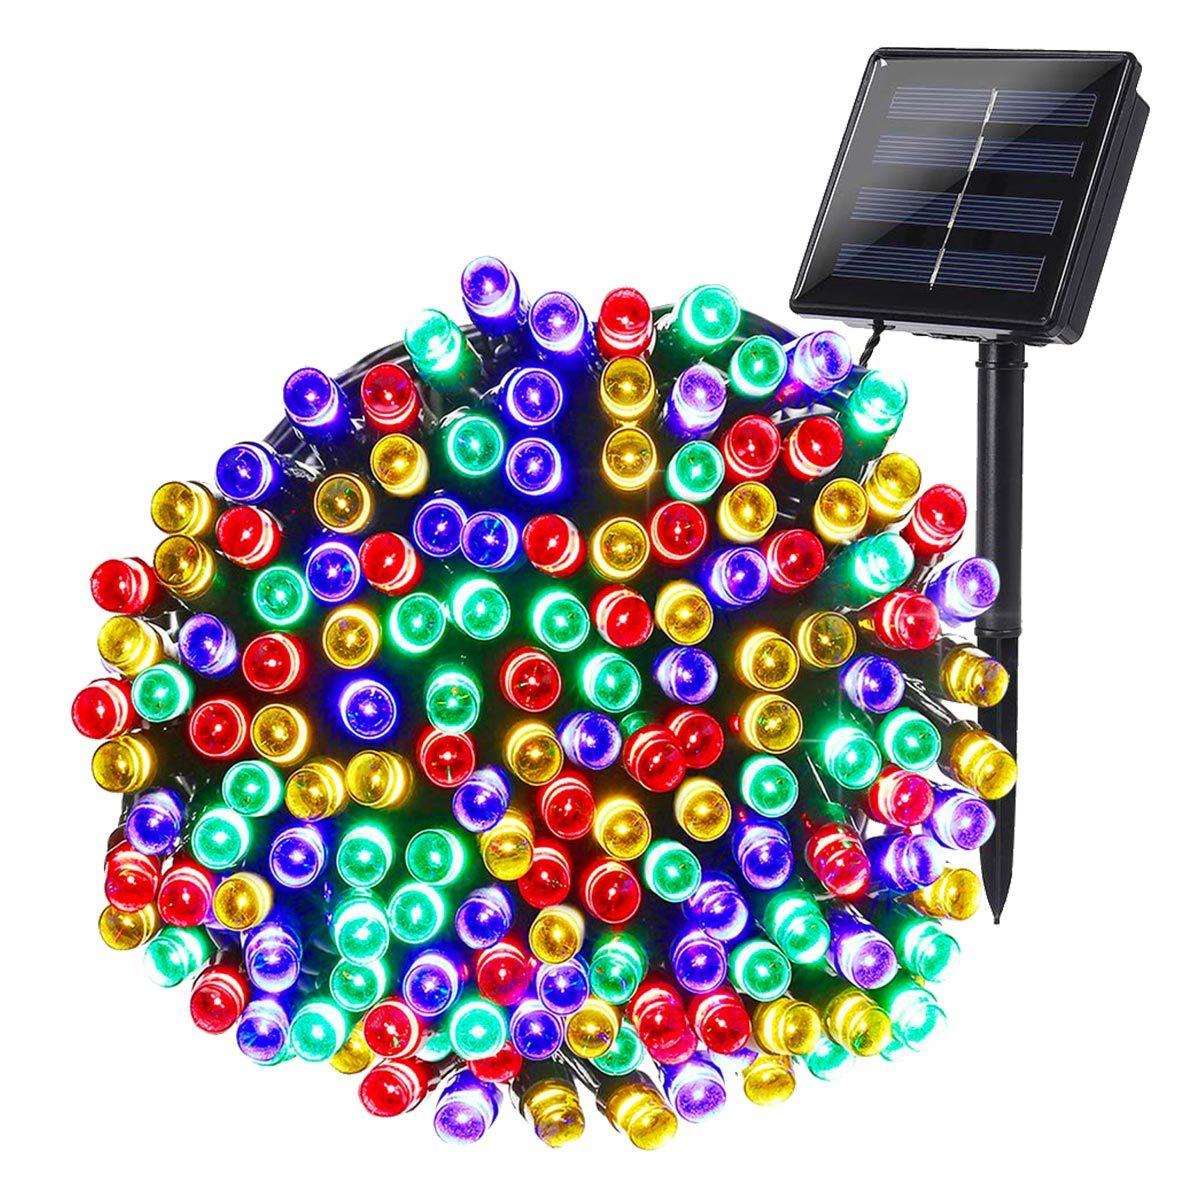 Guirlande solaire 100 leds plastique noir 8.90m